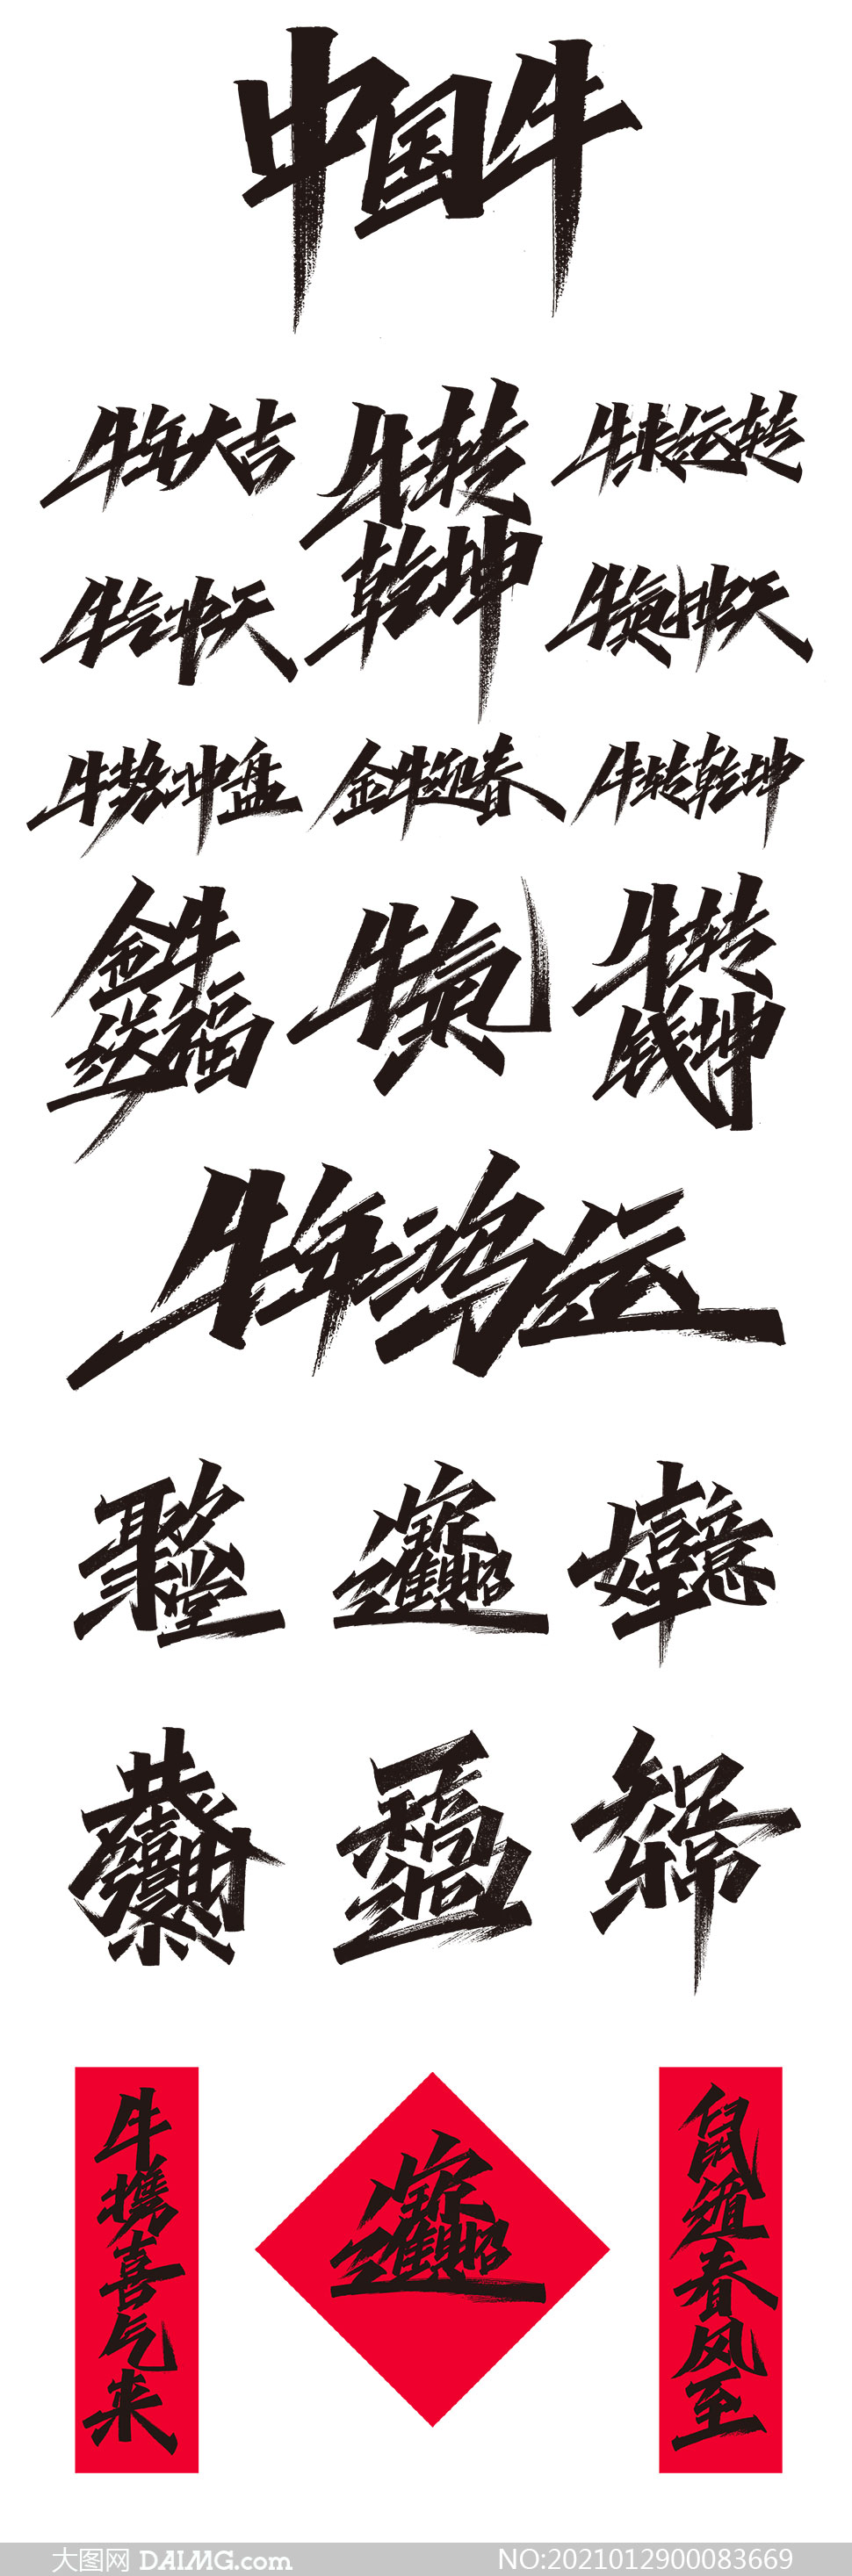 2021牛年书法艺术字设计矢量素材